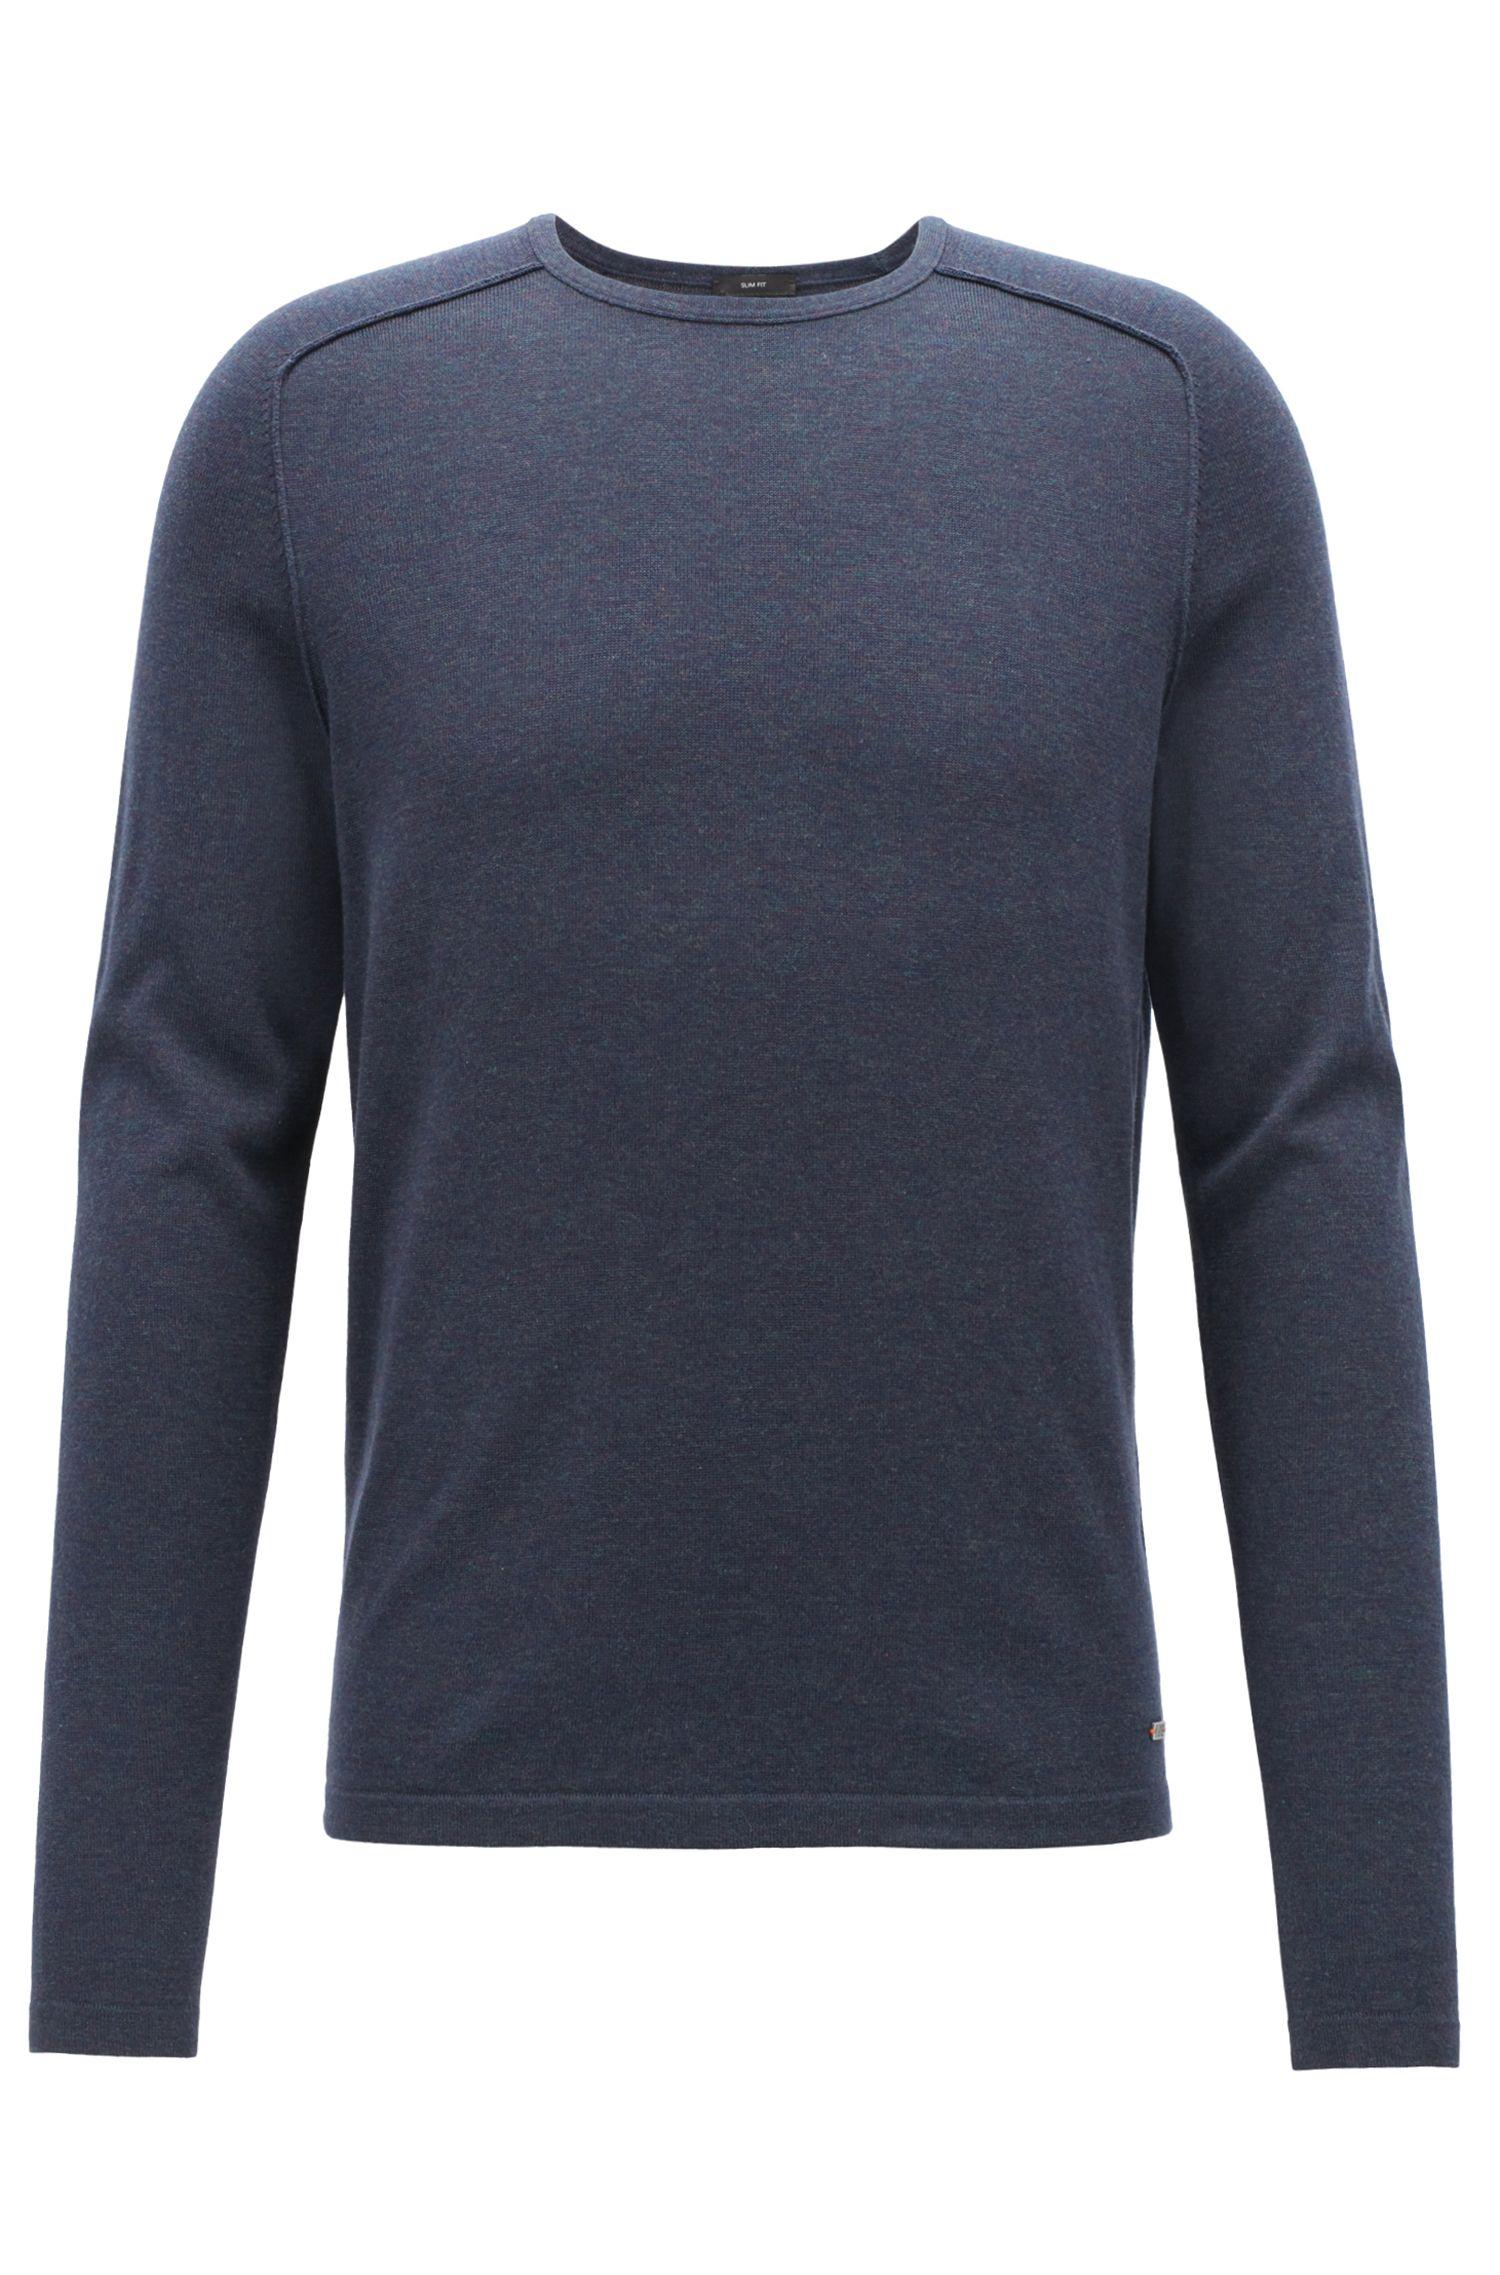 Pullover aus gestrickter Baumwolle mit Paspel-Details, Dunkelblau